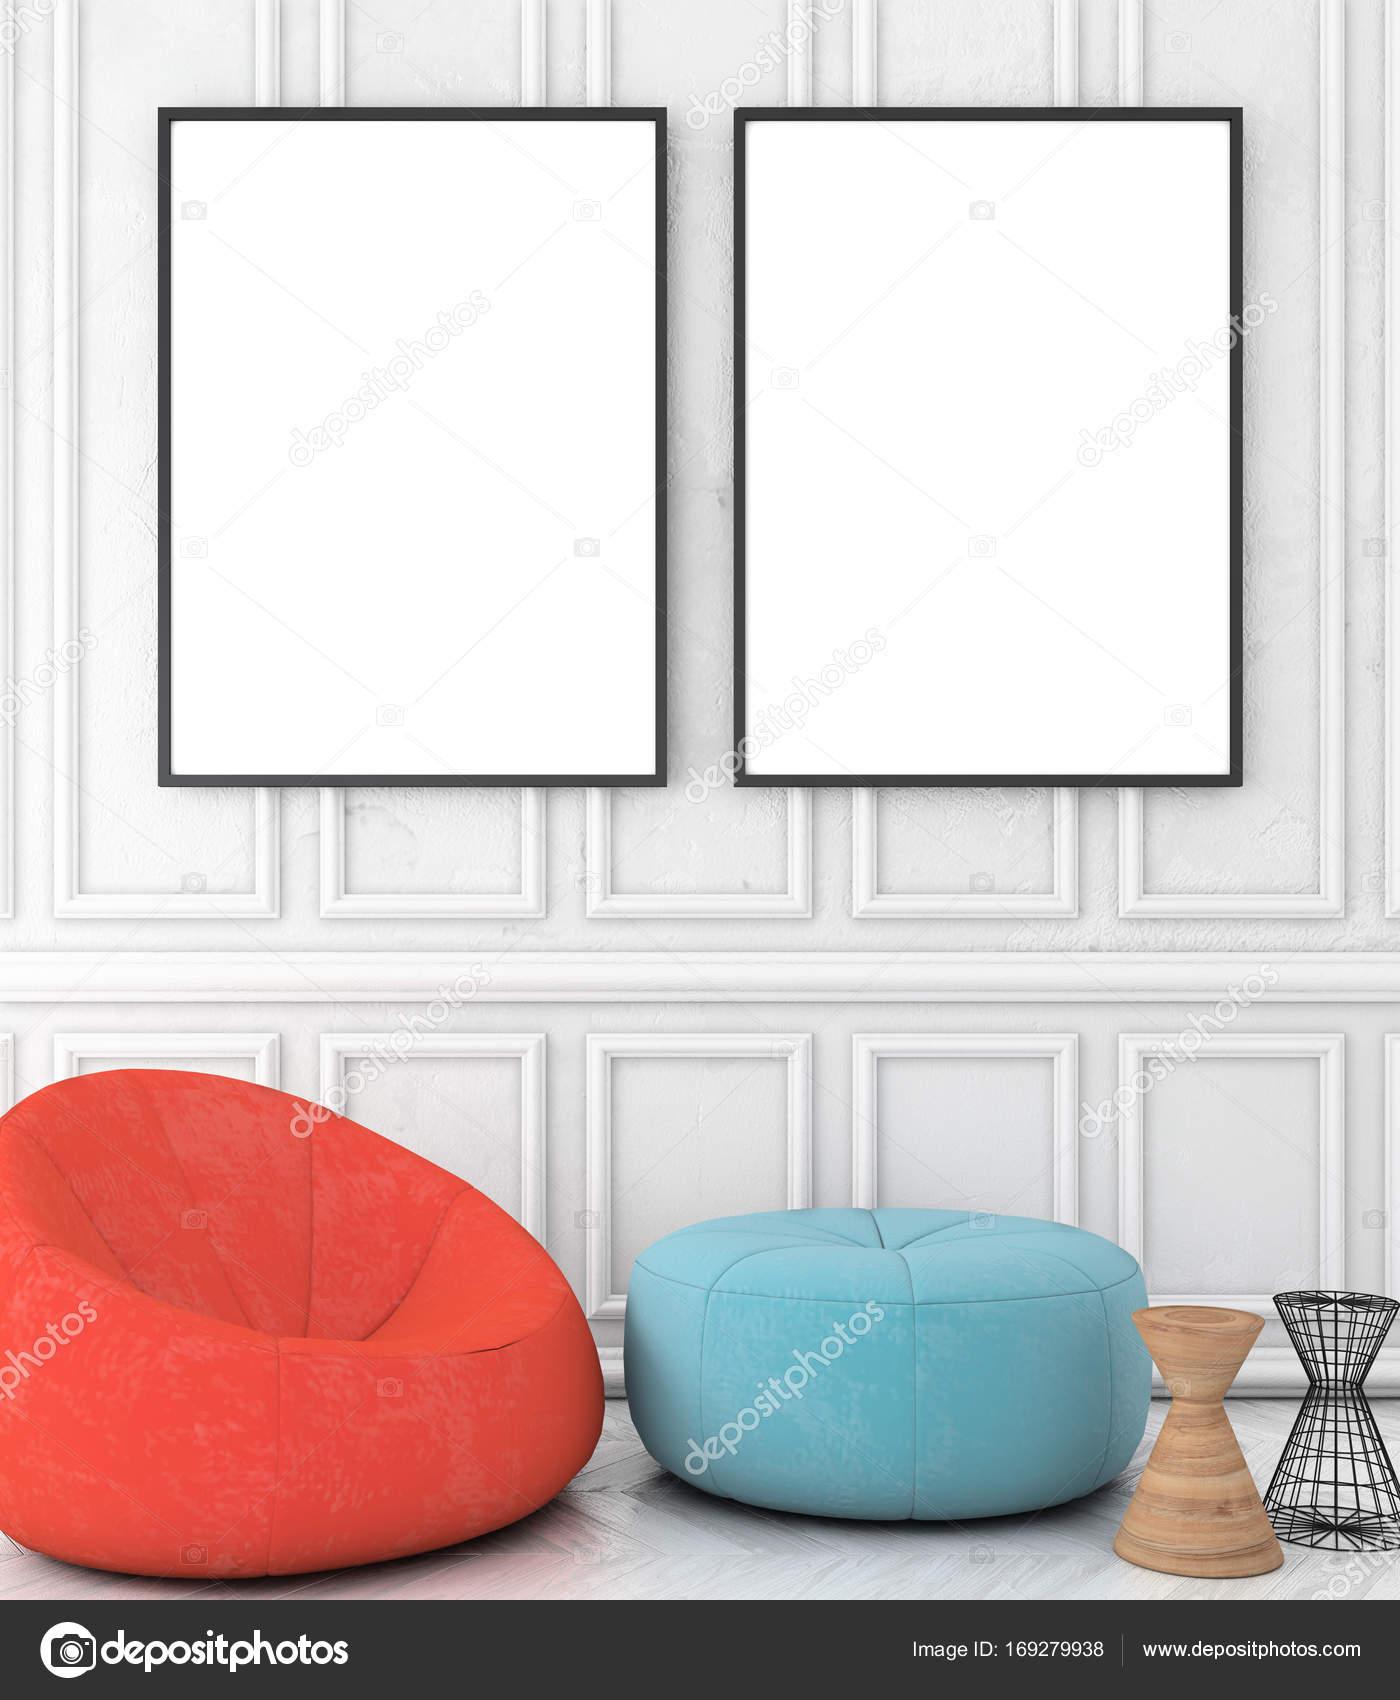 Weißer Parkettboden mock up titelframe auf weiß verputzte wand vintage interieur mit